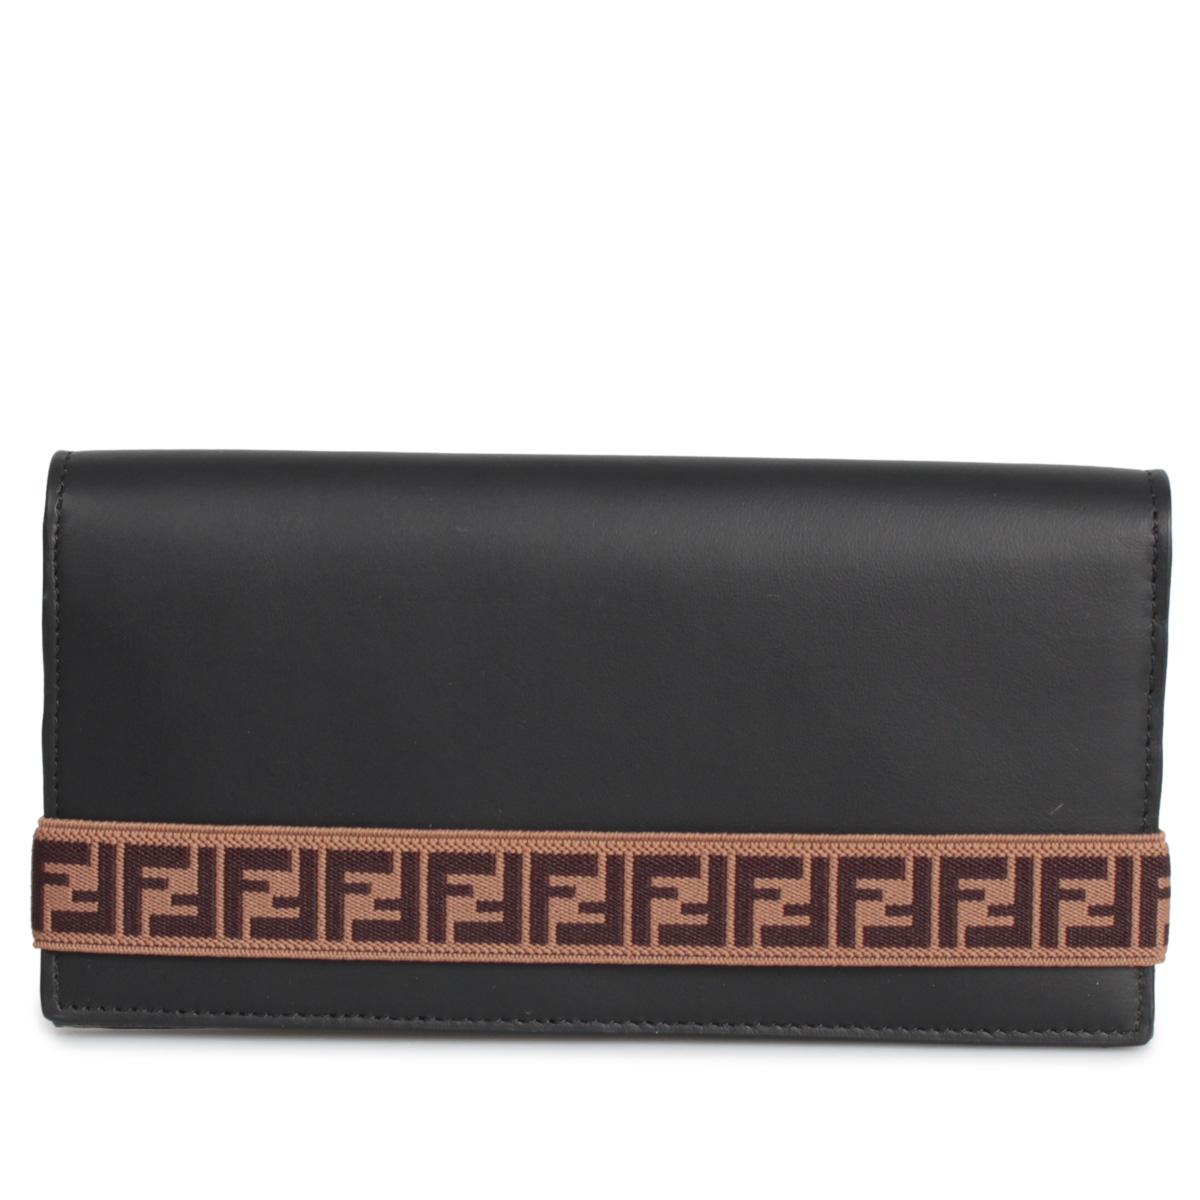 FENDI LONG WALLET フェンディ 財布 長財布 メンズ ブラック 黒 7M0268 A8VC